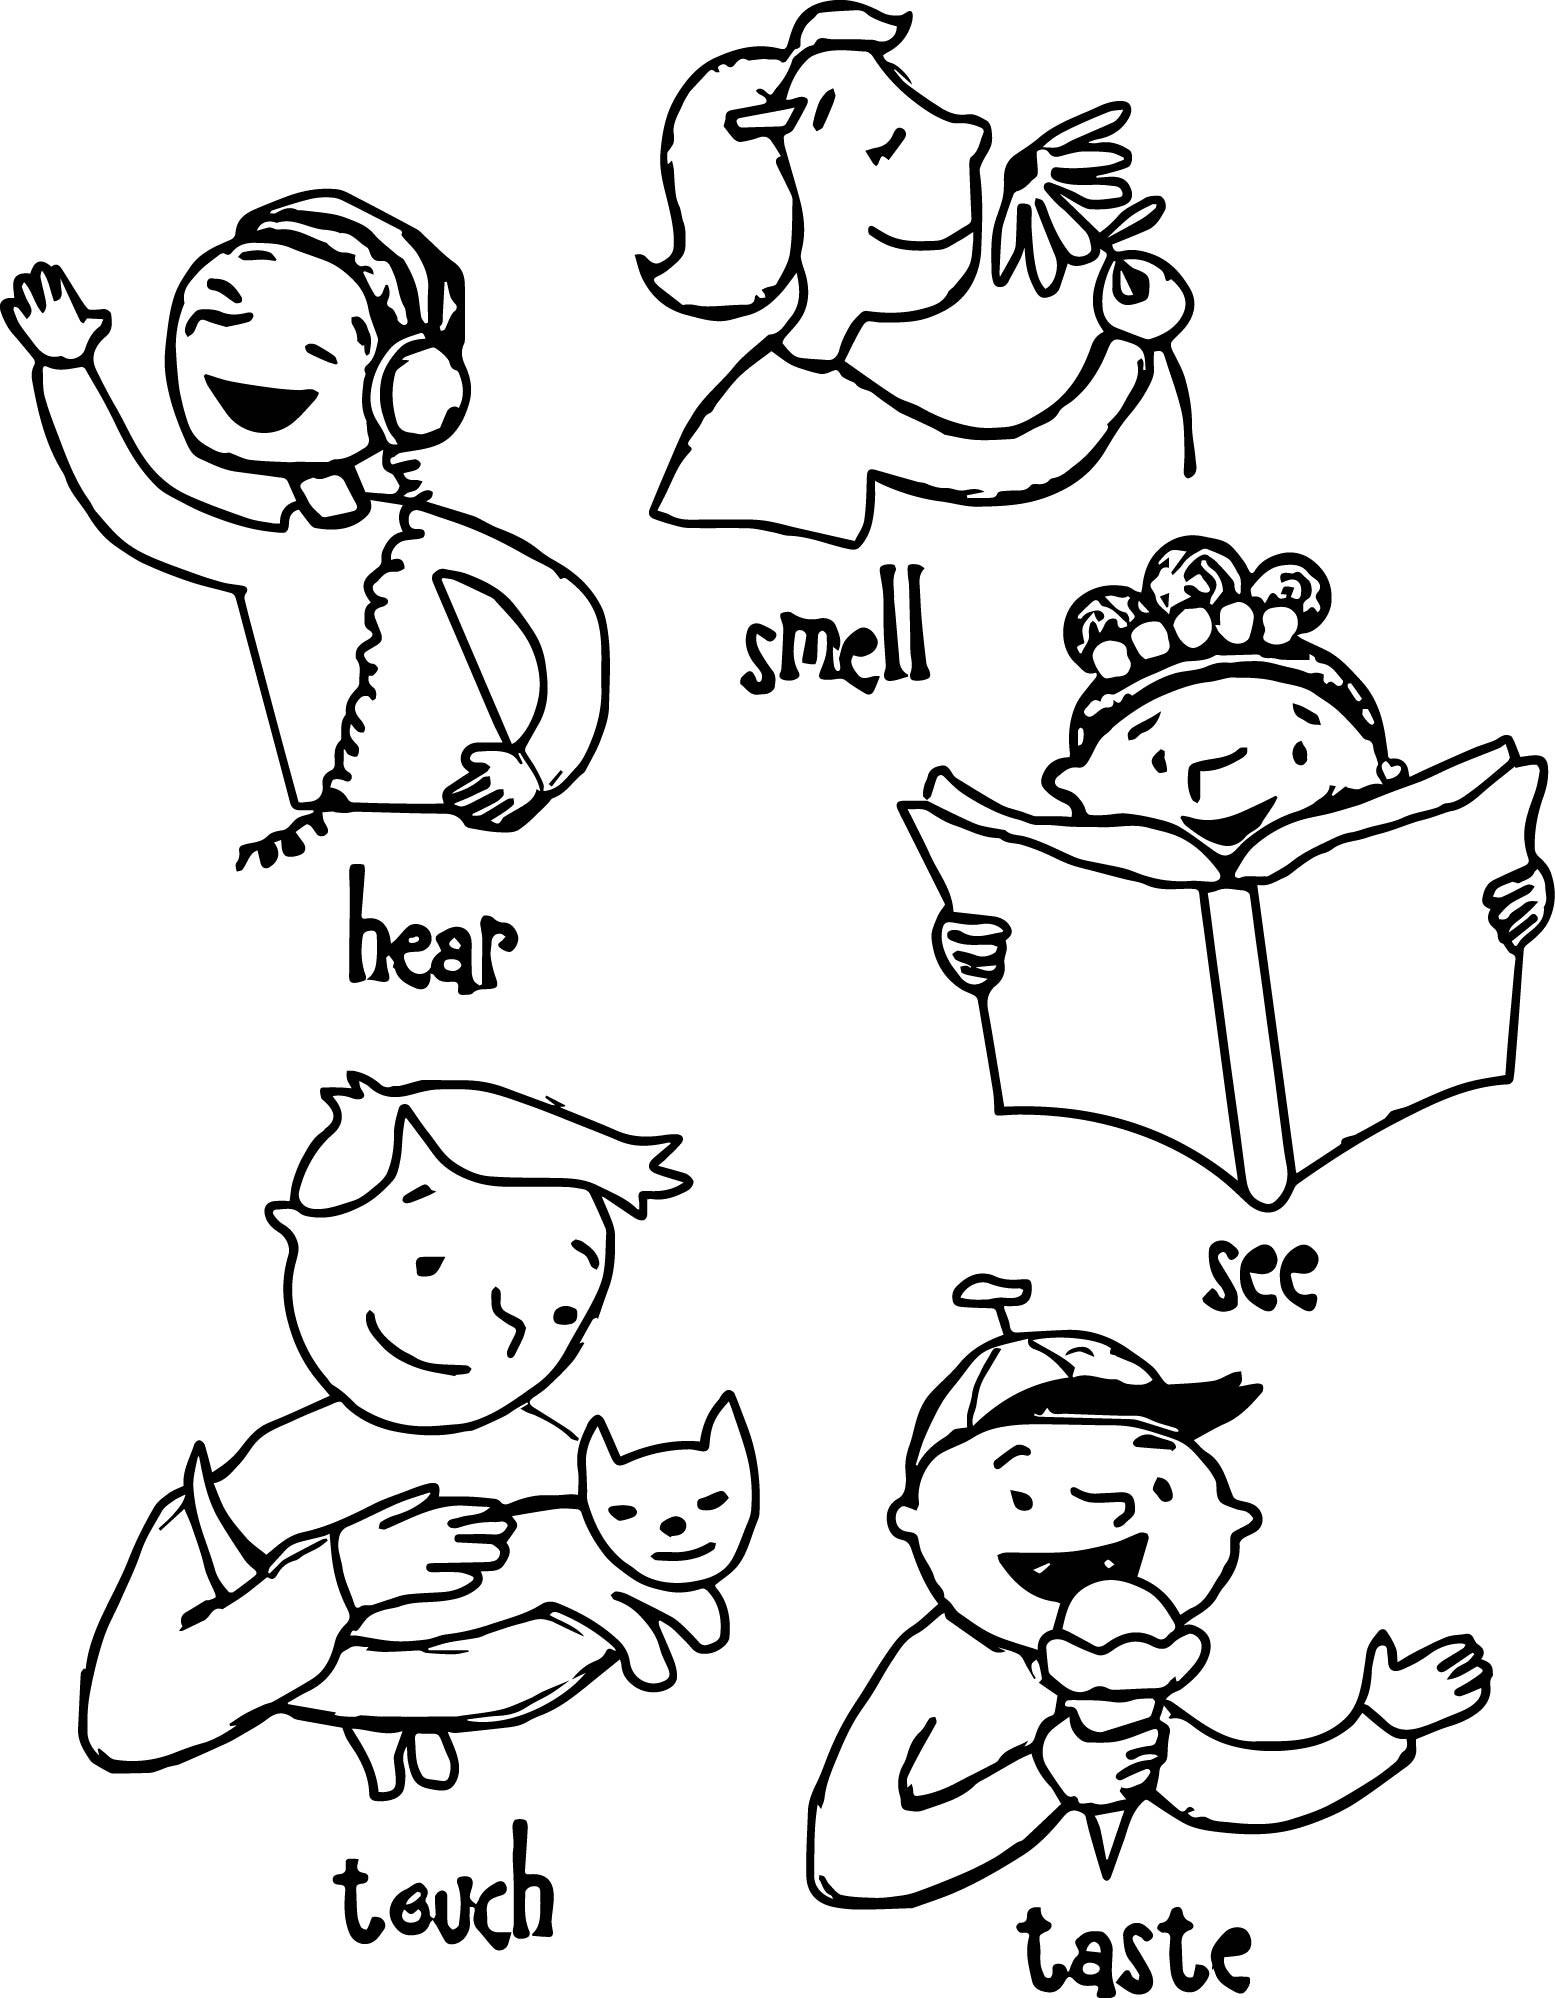 5 Senses Coloring Pages  Children 5 Senses Coloring Page